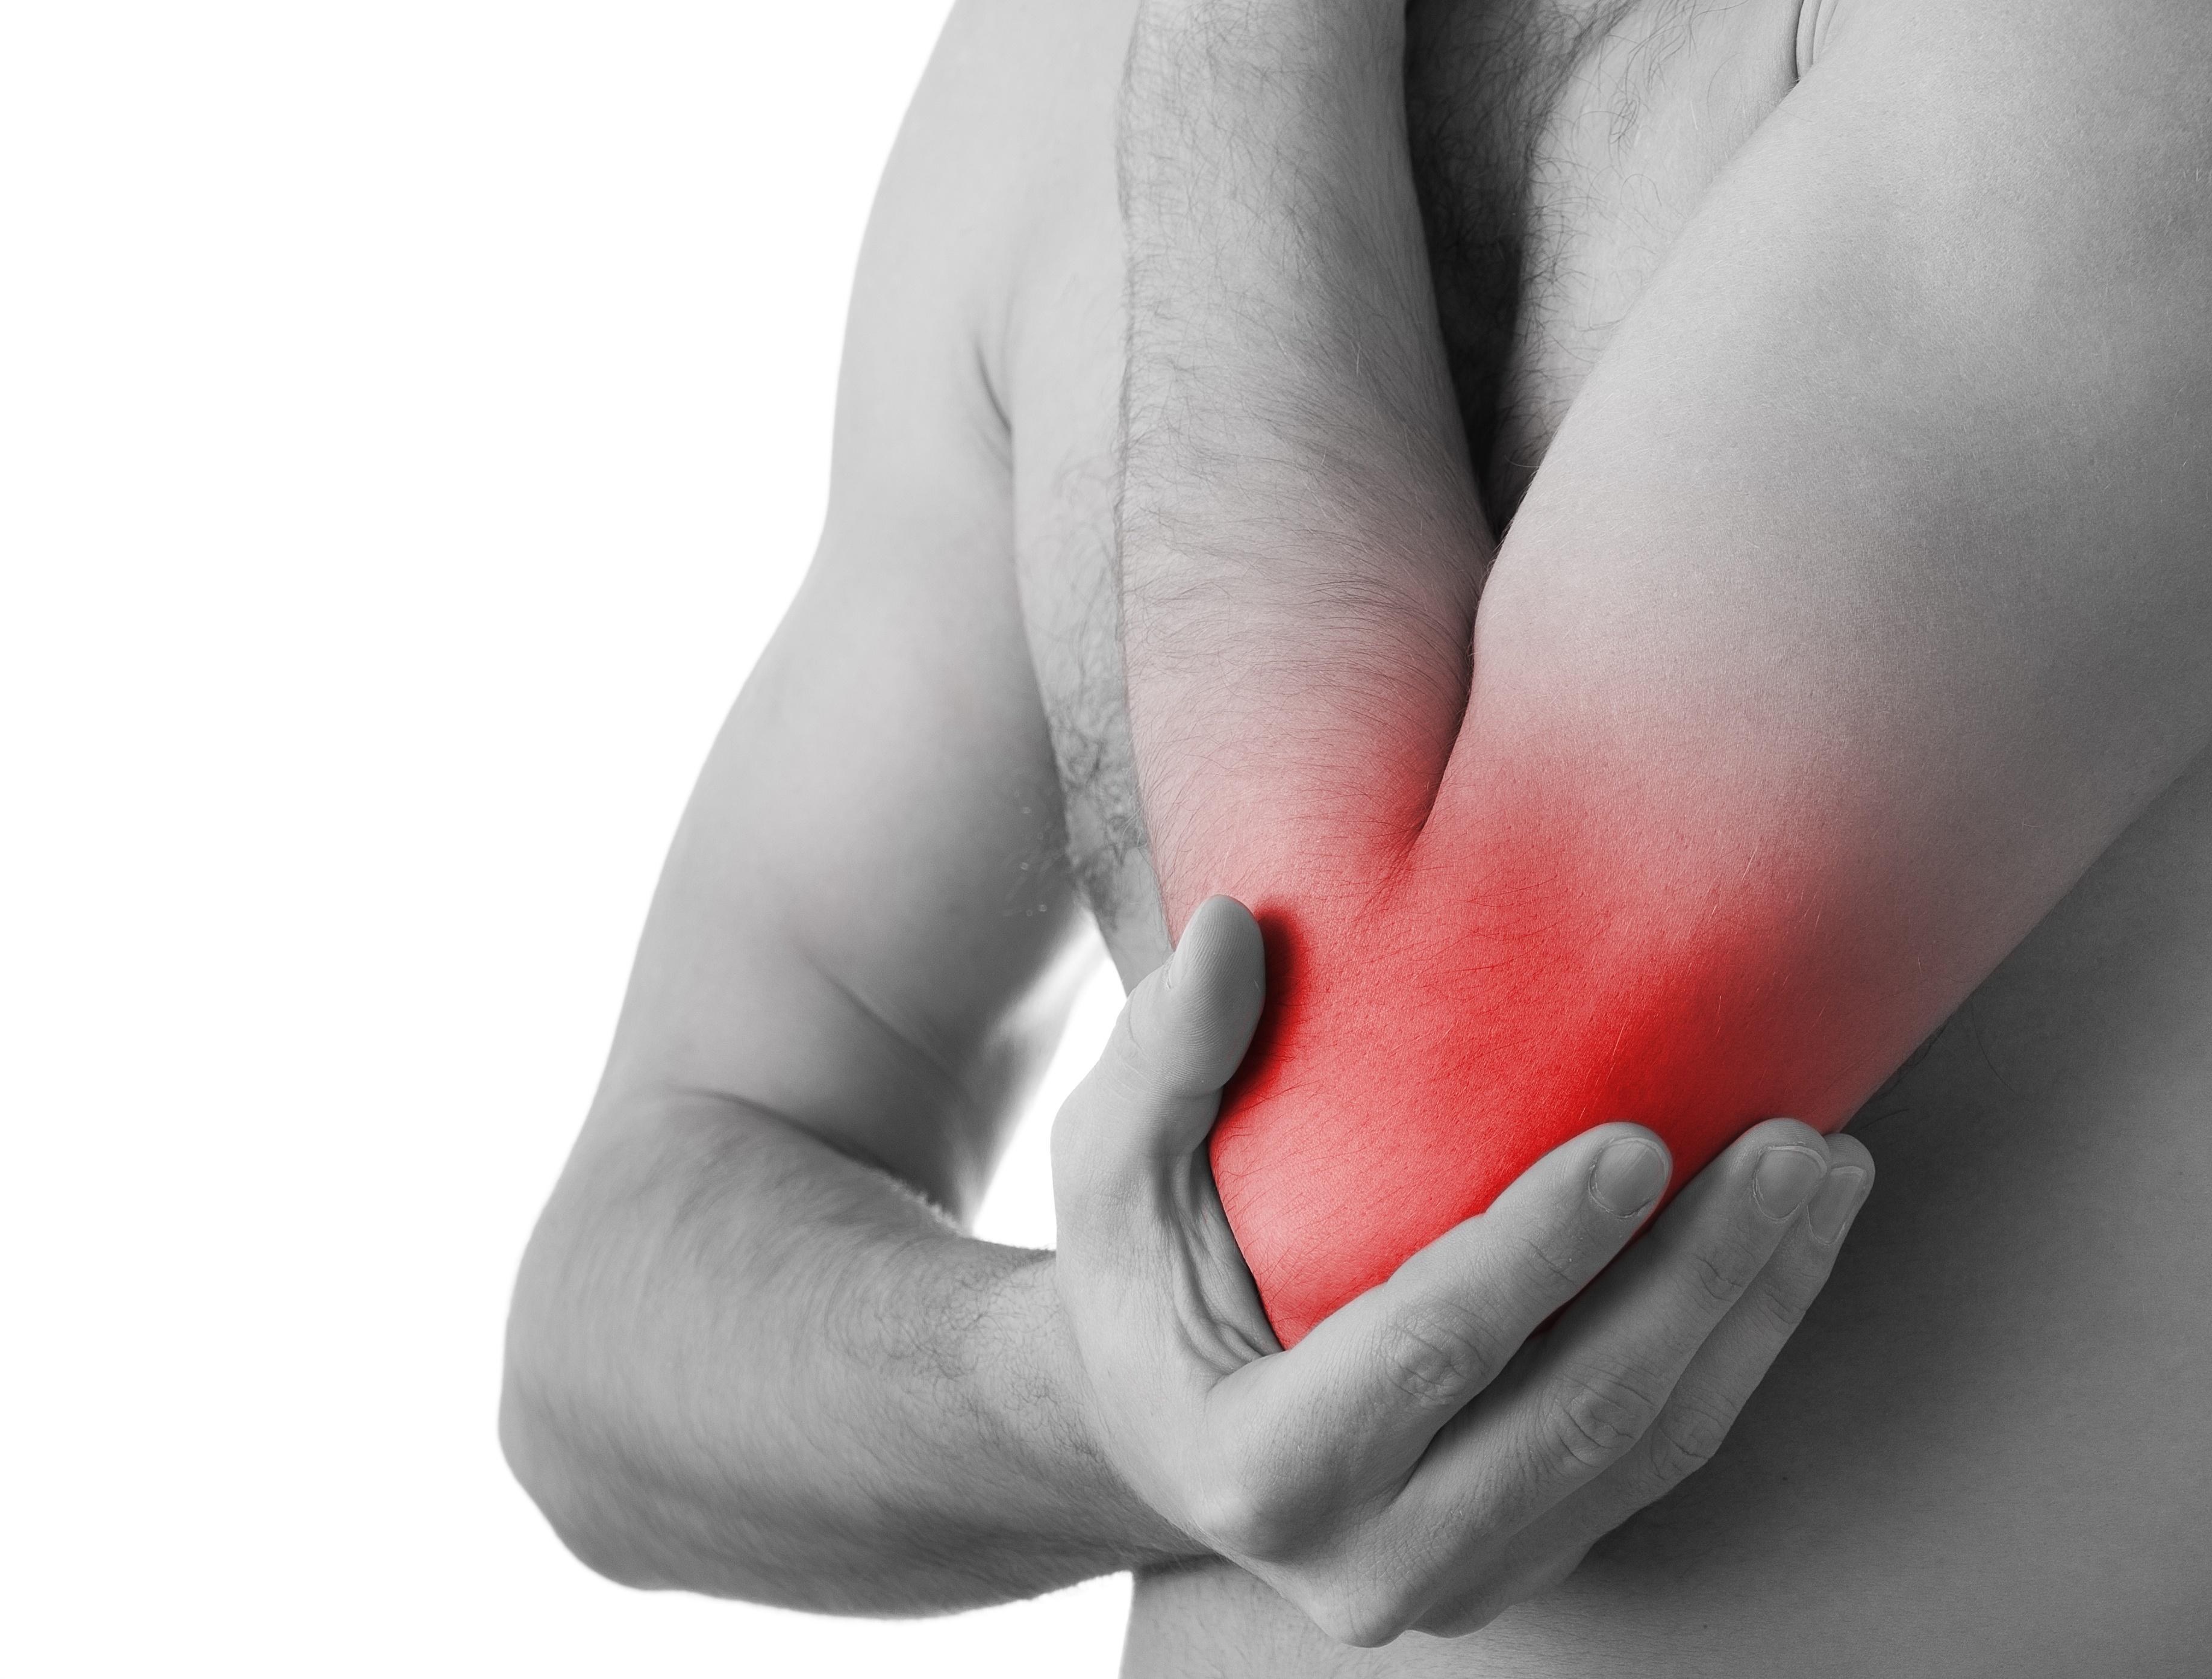 légzőgyakorlatok ízületi fájdalmak kezelésére